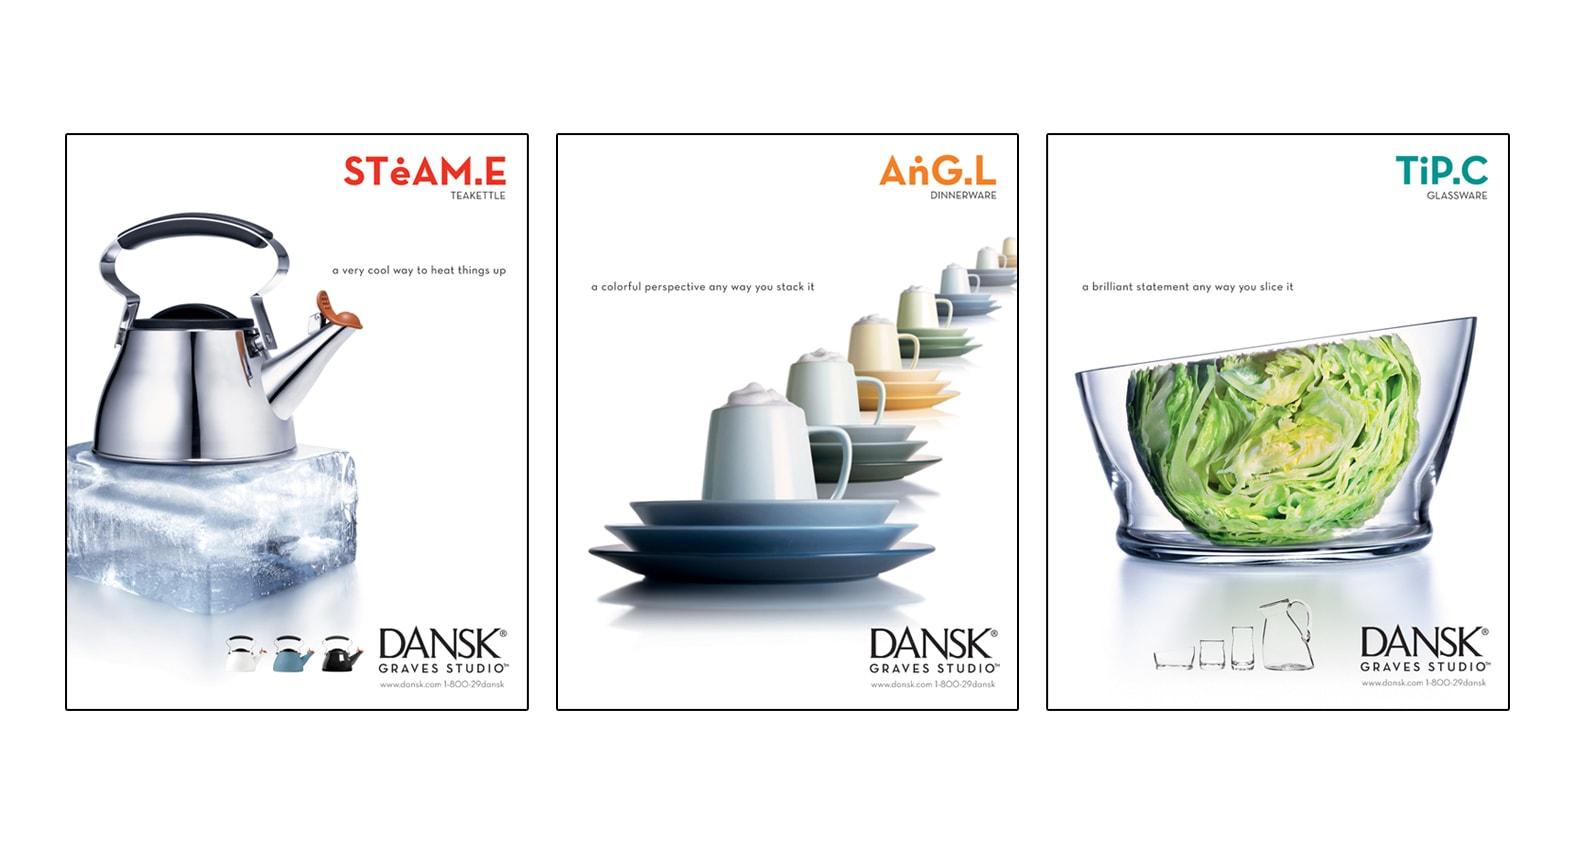 Dansk Magazine Advertising by Michael Graves